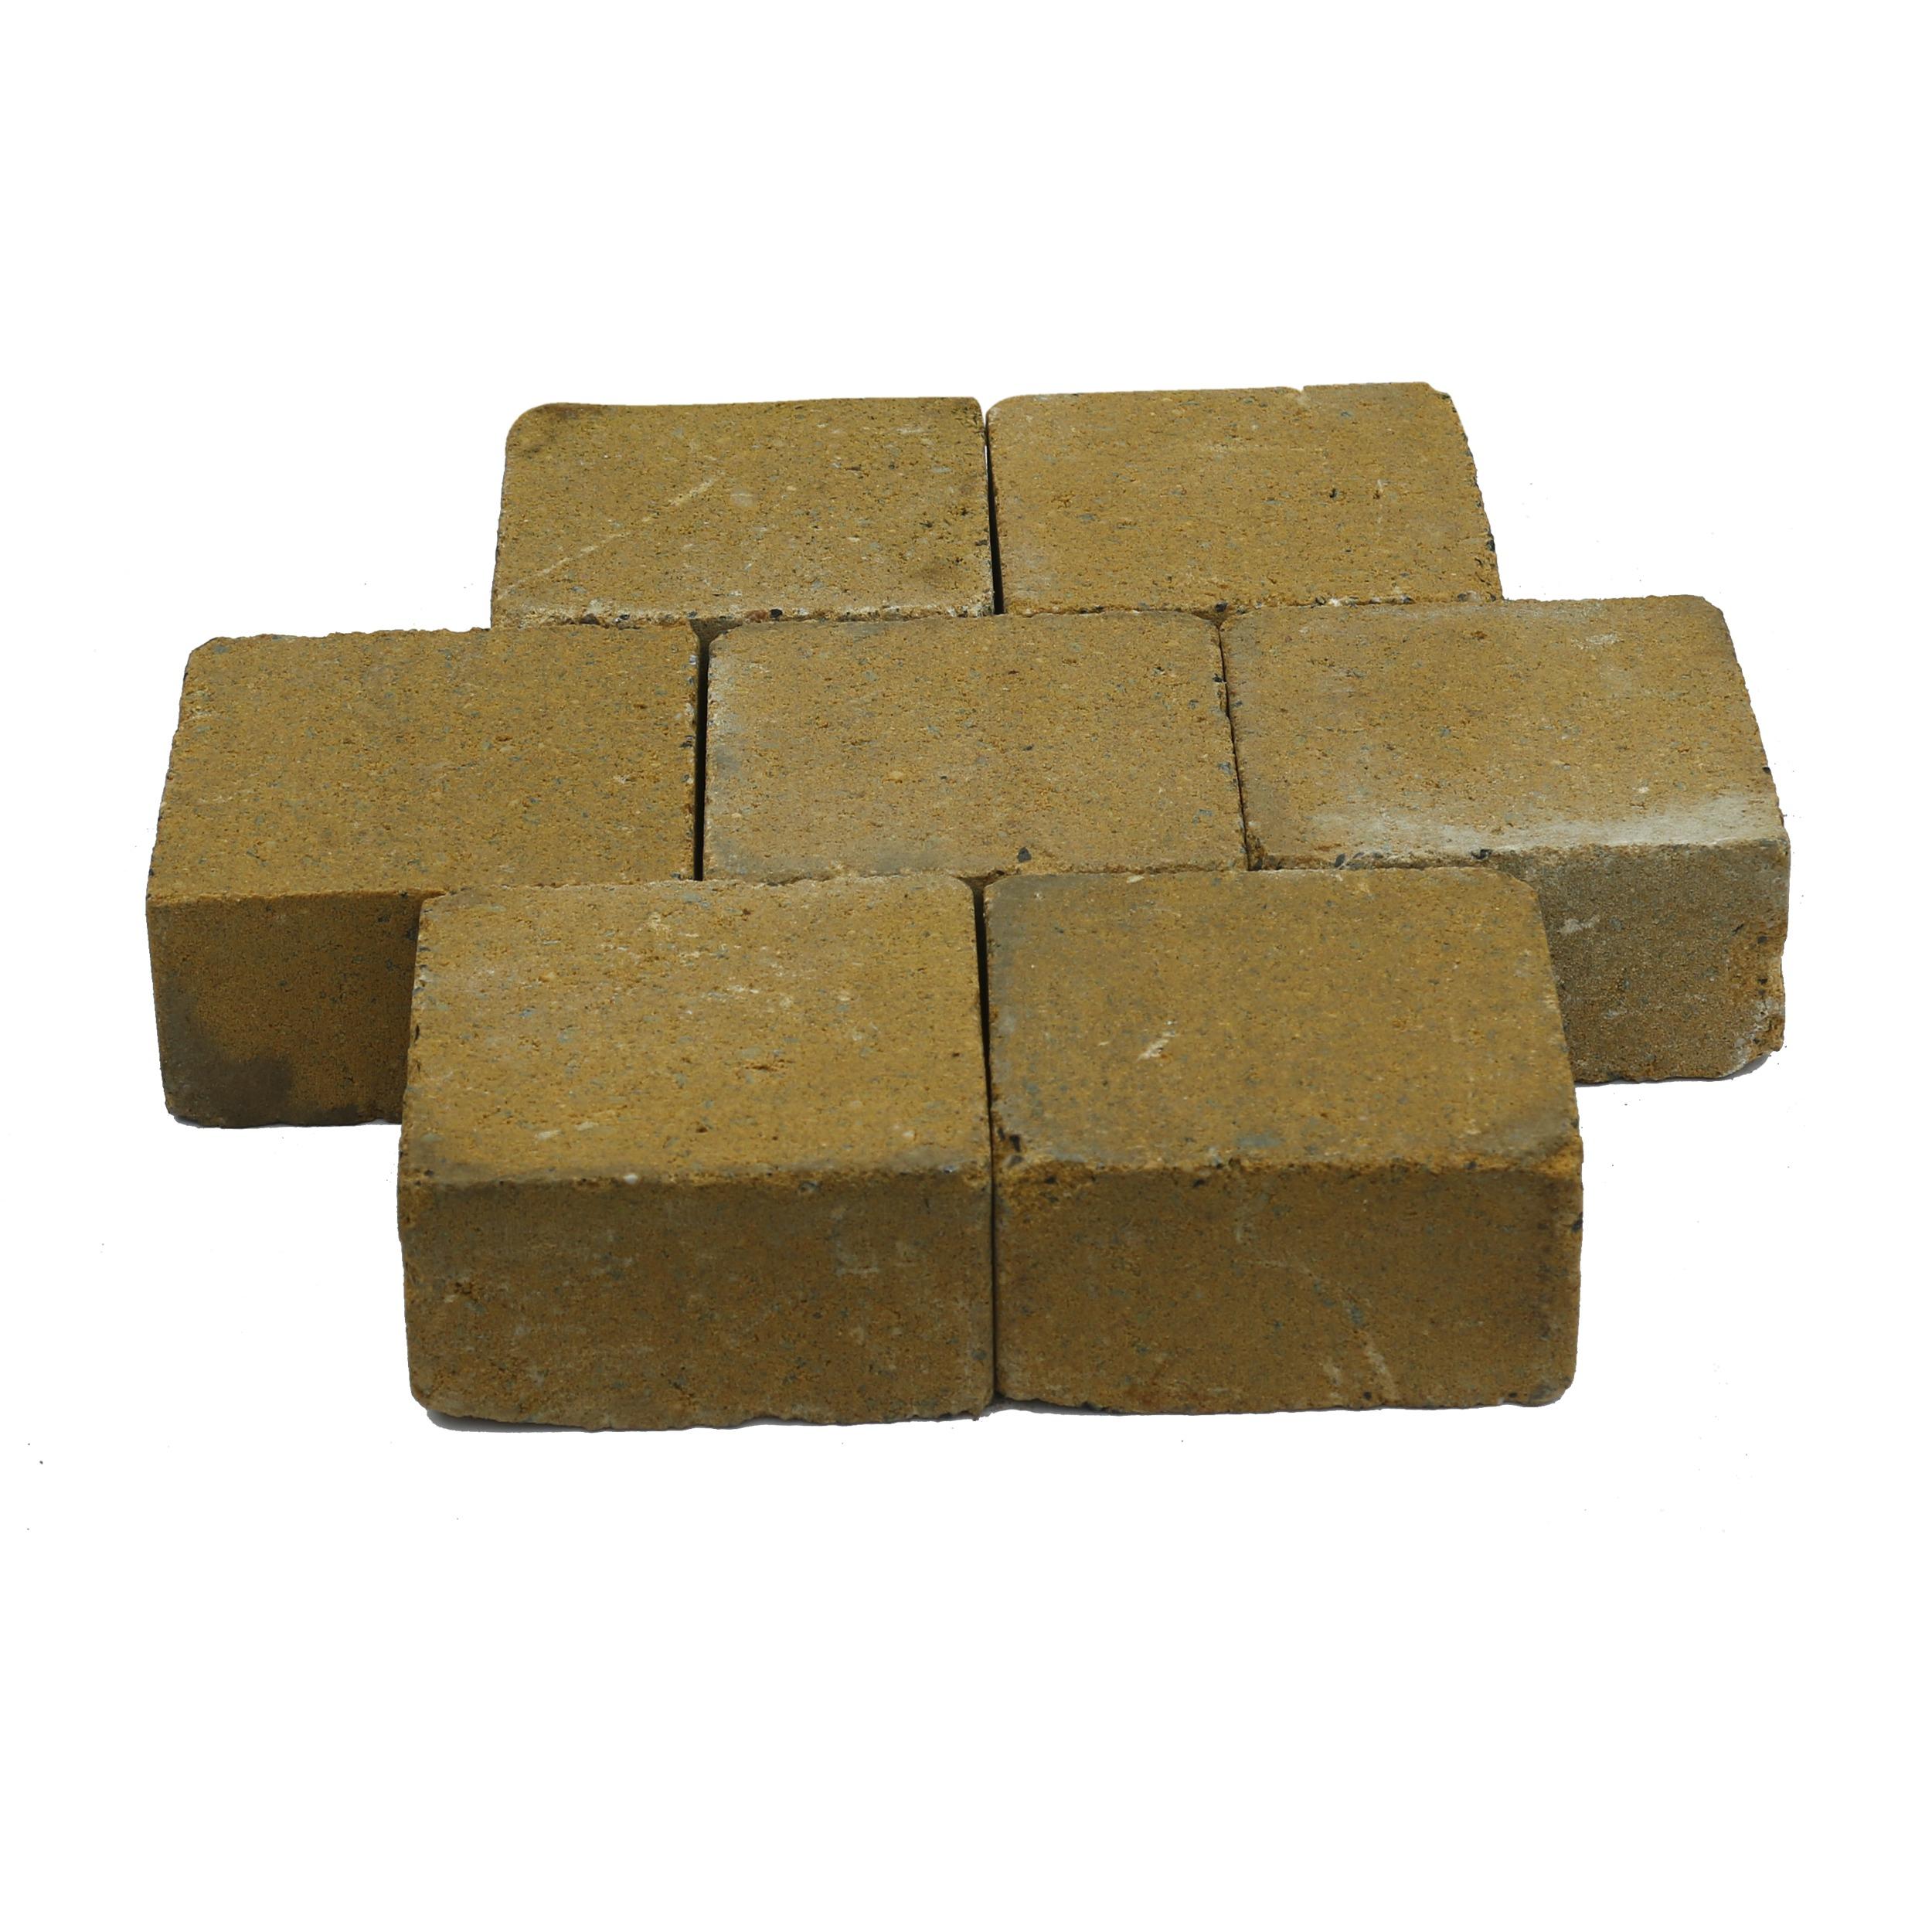 Trommelsteen Beton Geel 14x14x7 cm - 45 Stuks - 0,88 m2